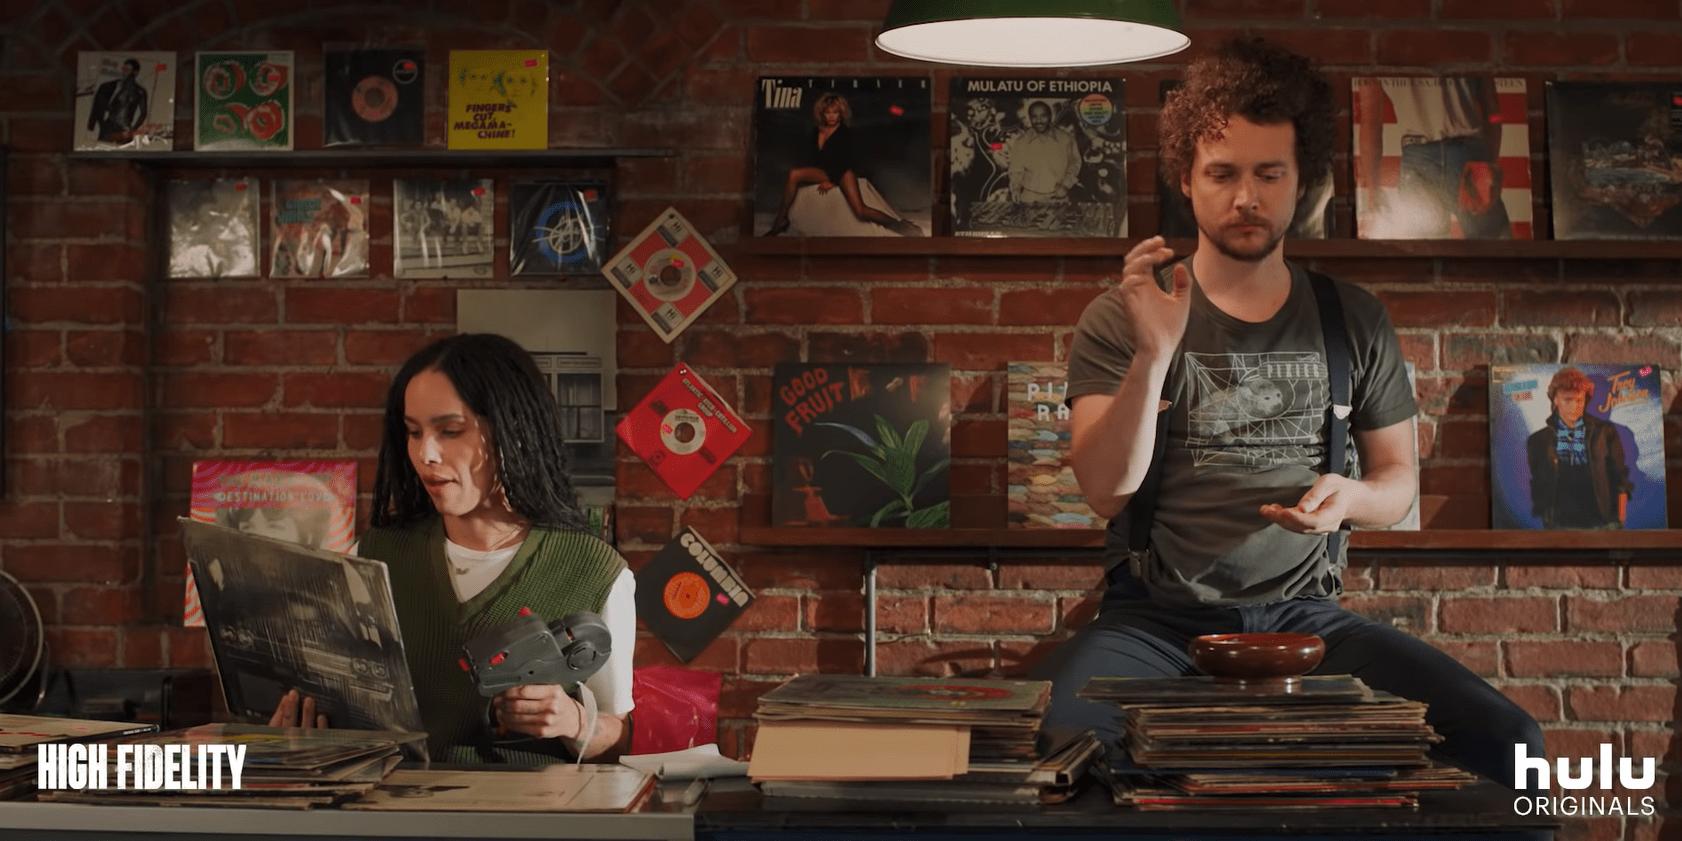 Hulu's High Fidelity Remake With Zoë Kravitz ...